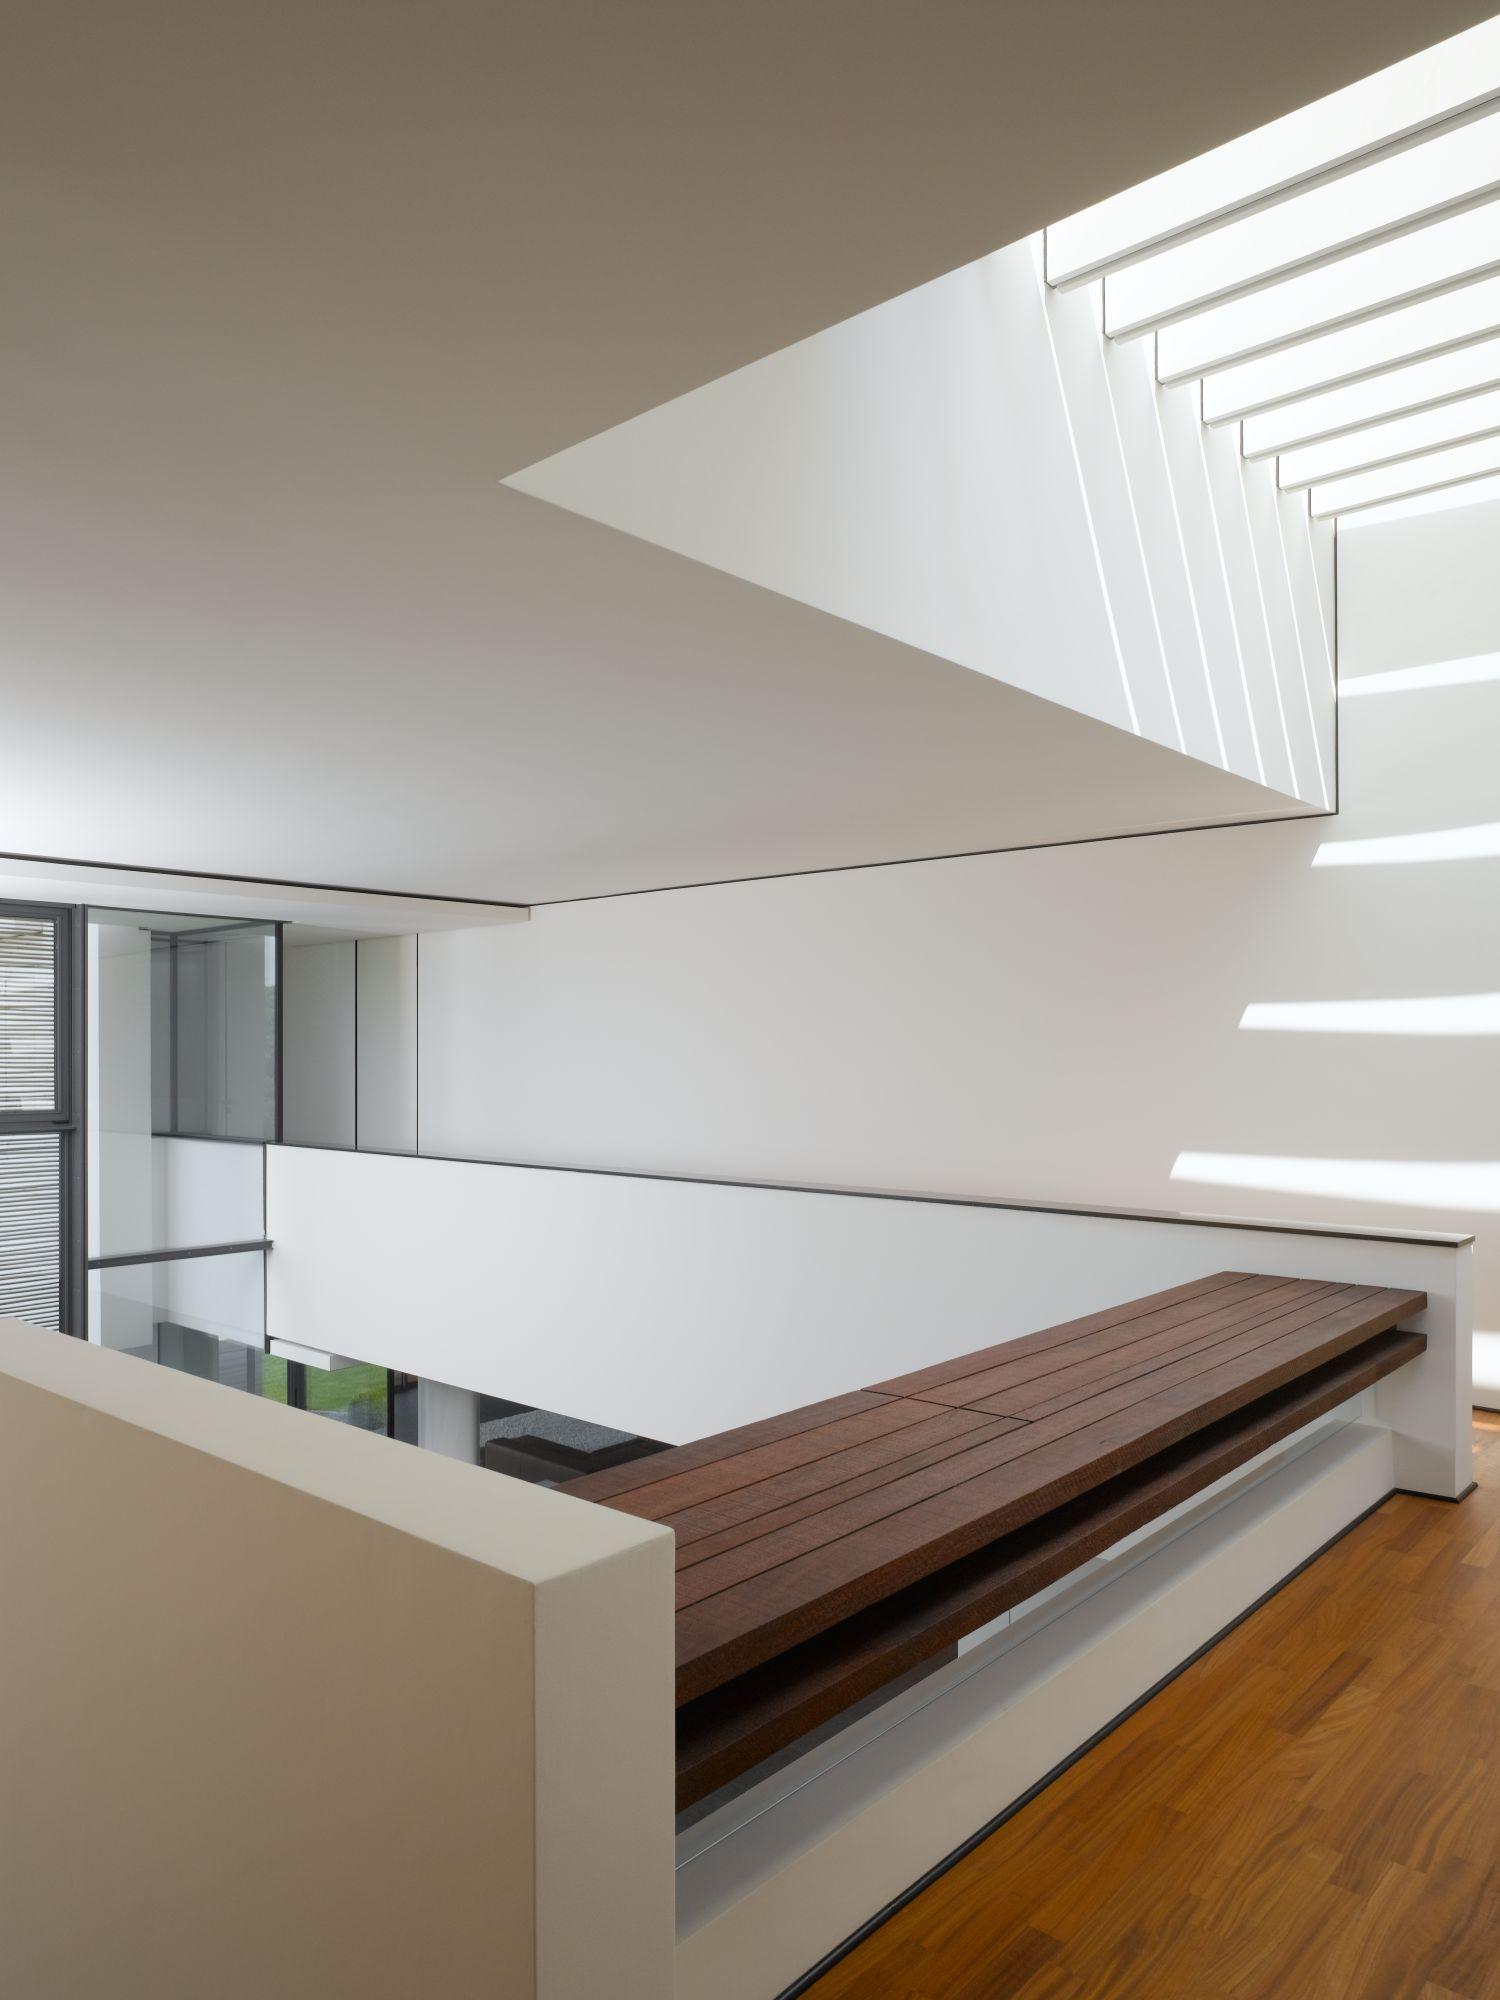 Stilpunkte-Blog: Galerie, Haus am oberen Berg, Alexander Brenner, Foto: Zooey Braun